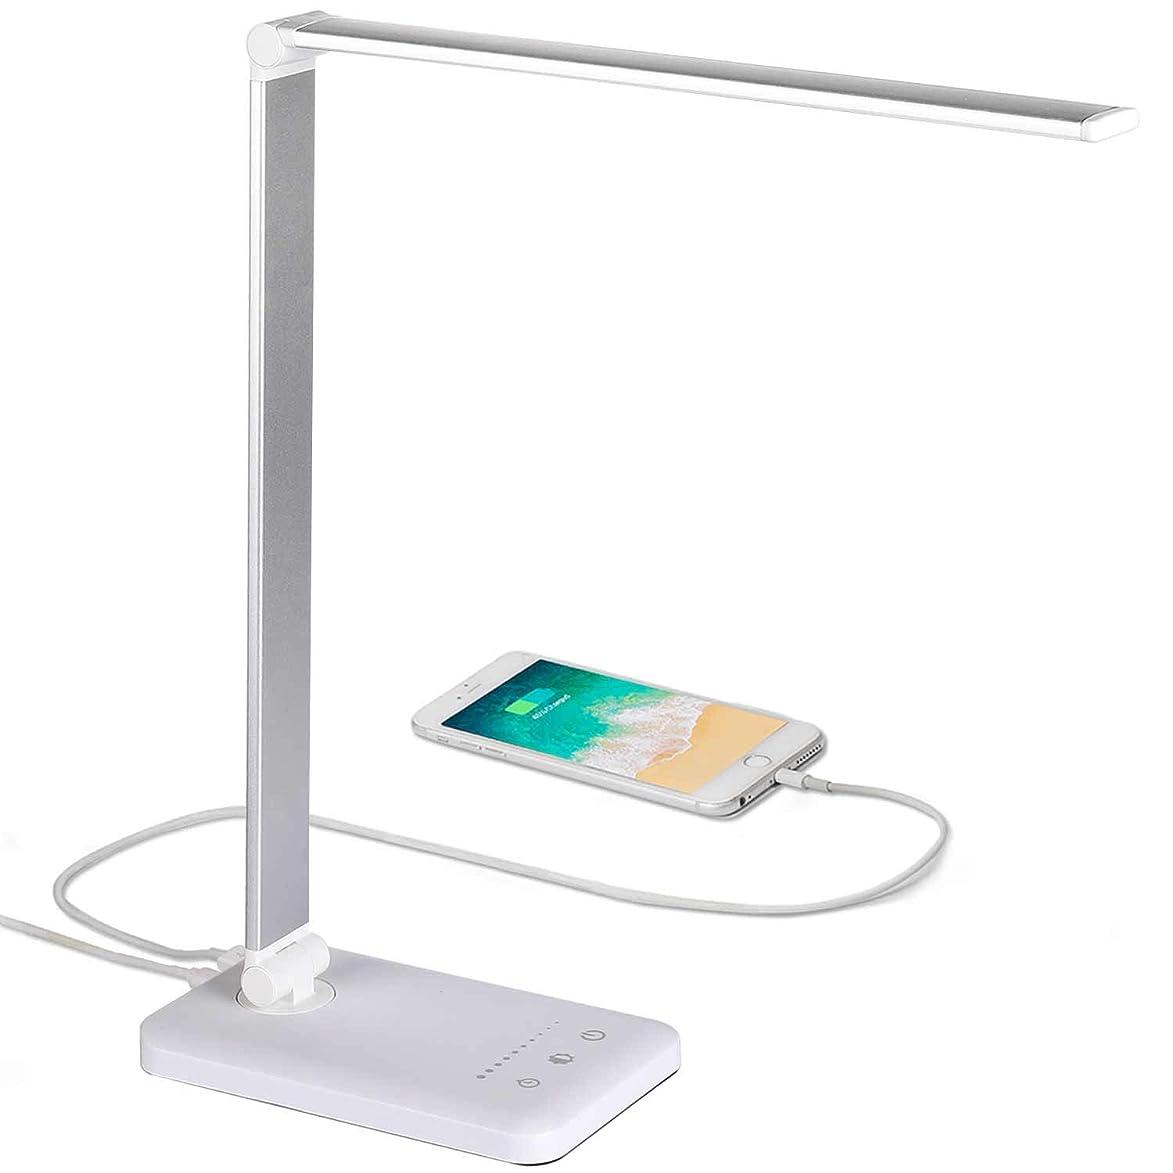 野心的アクセスできないこんにちはレトロ クランプ式 アームライト USB給電式 LEDデスクライト 無段階調光调色 卓上ライト 目に優しい 電気スタンド PC作業 仕事 寝室 読書 ベッドサイドランプ (led電球付き)